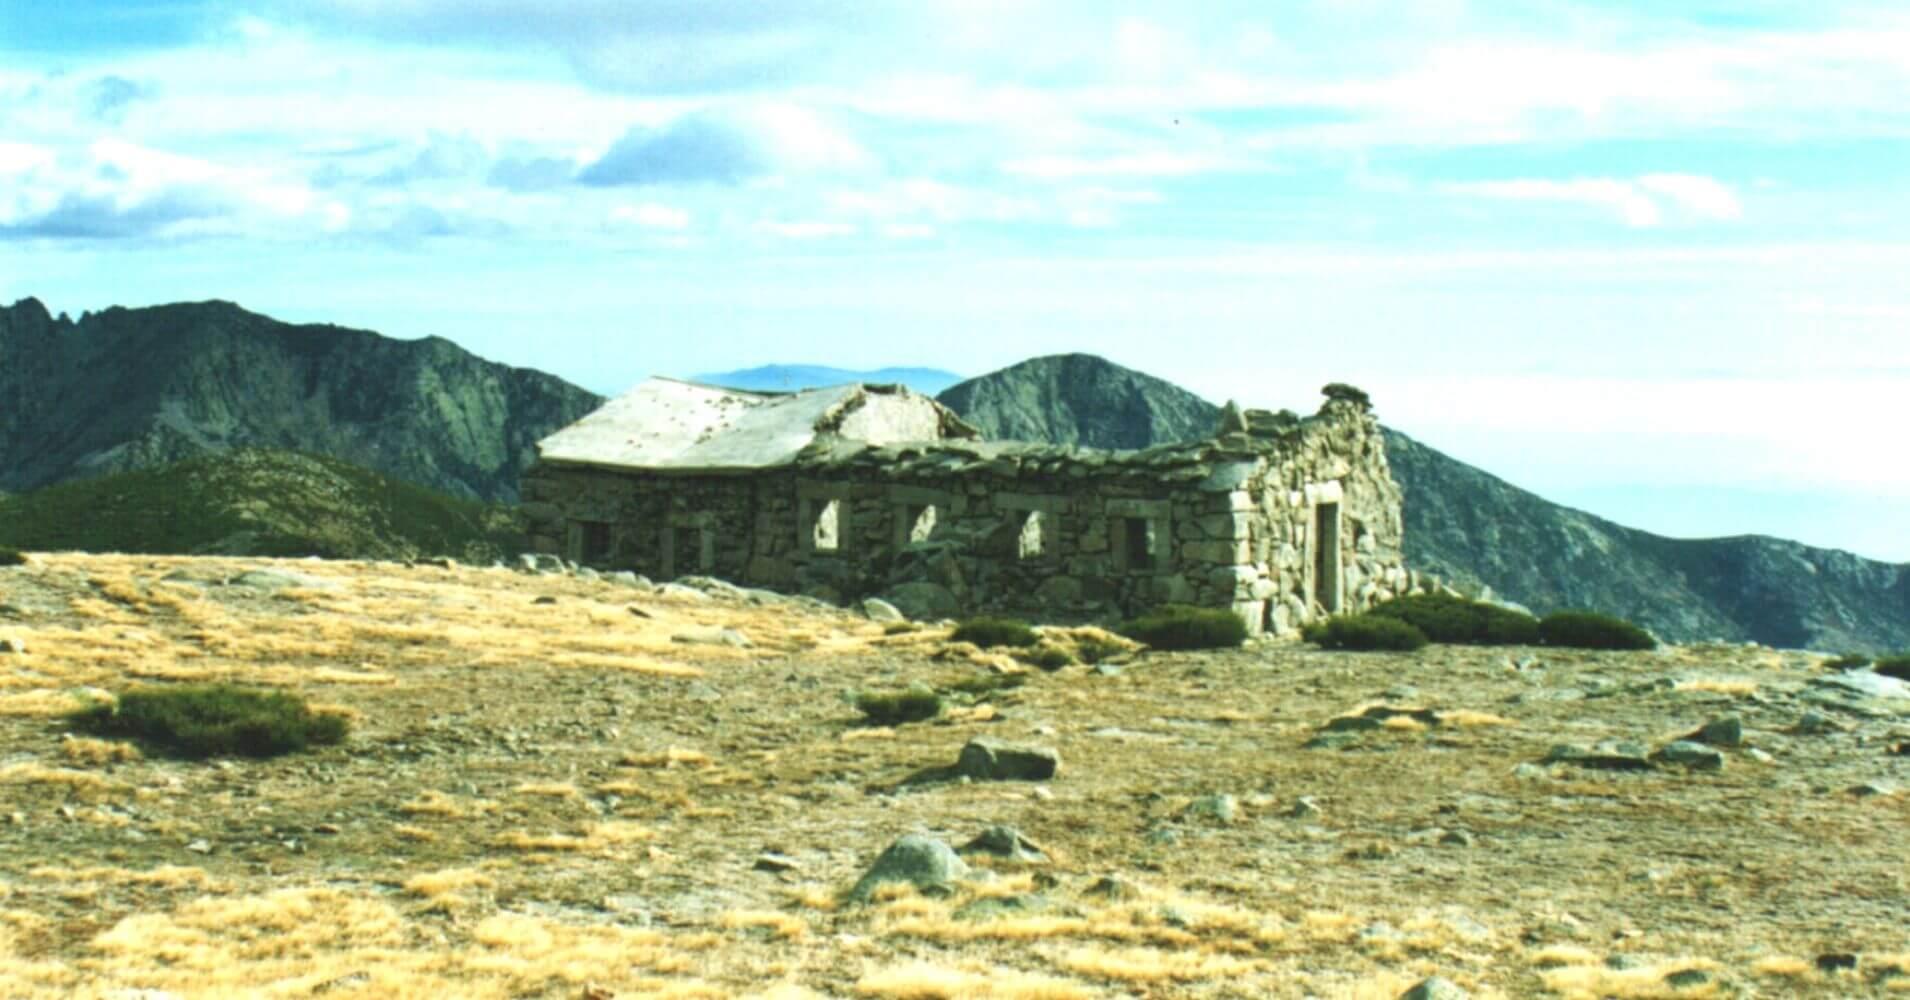 Sierra de Gredos. Refugio del Rey. Ávila. Castilla y León.